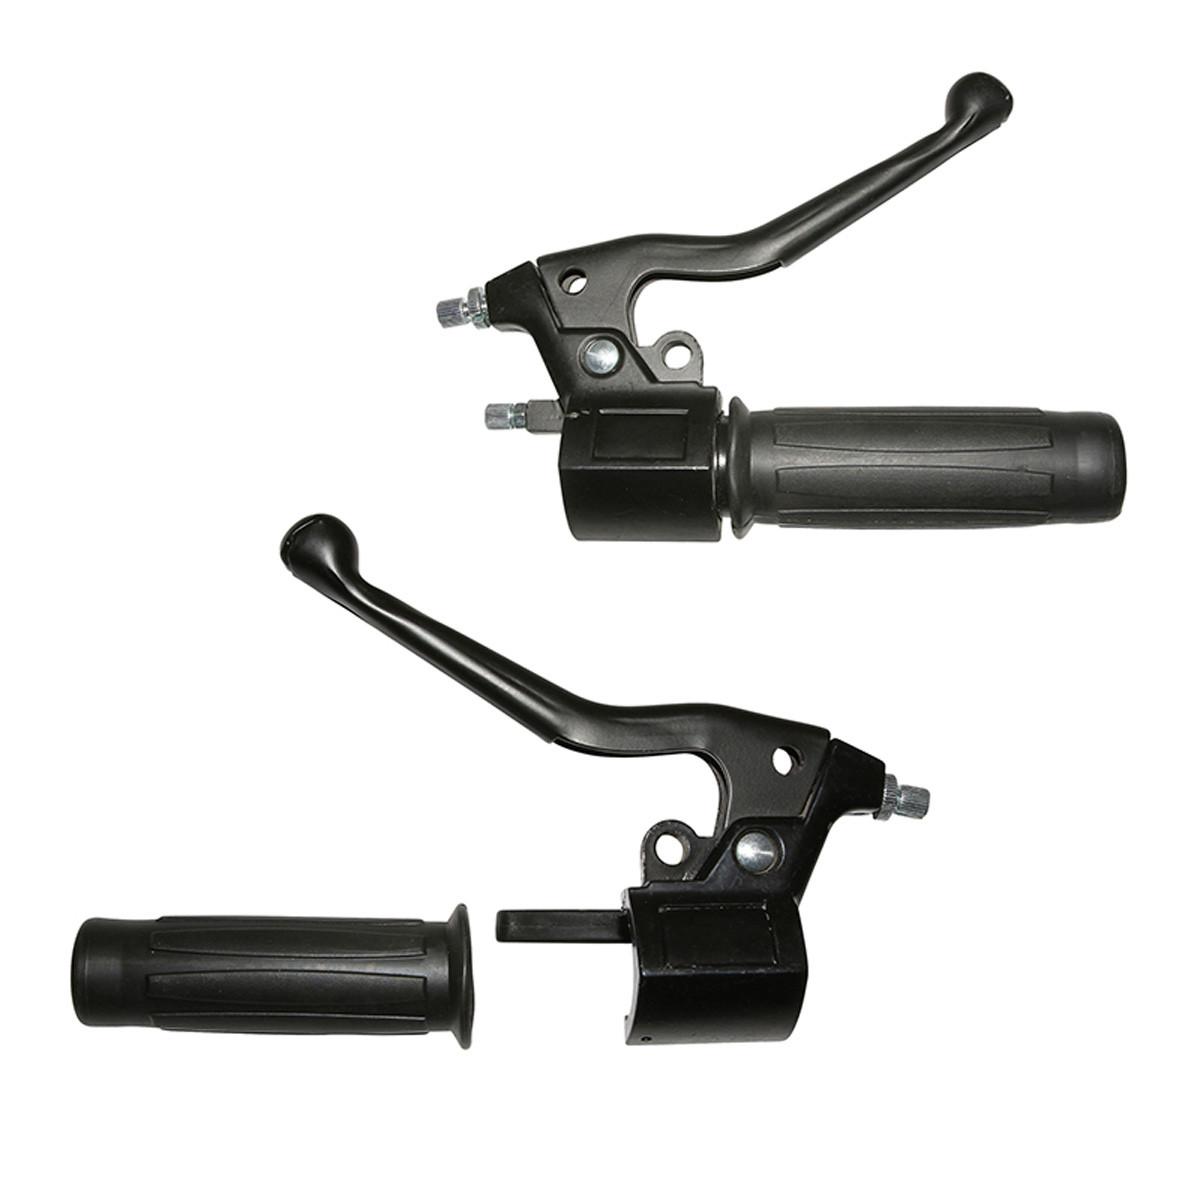 Kit Leviers Frein / Gaz MBK Motobecane Motoconfort - Levier métal